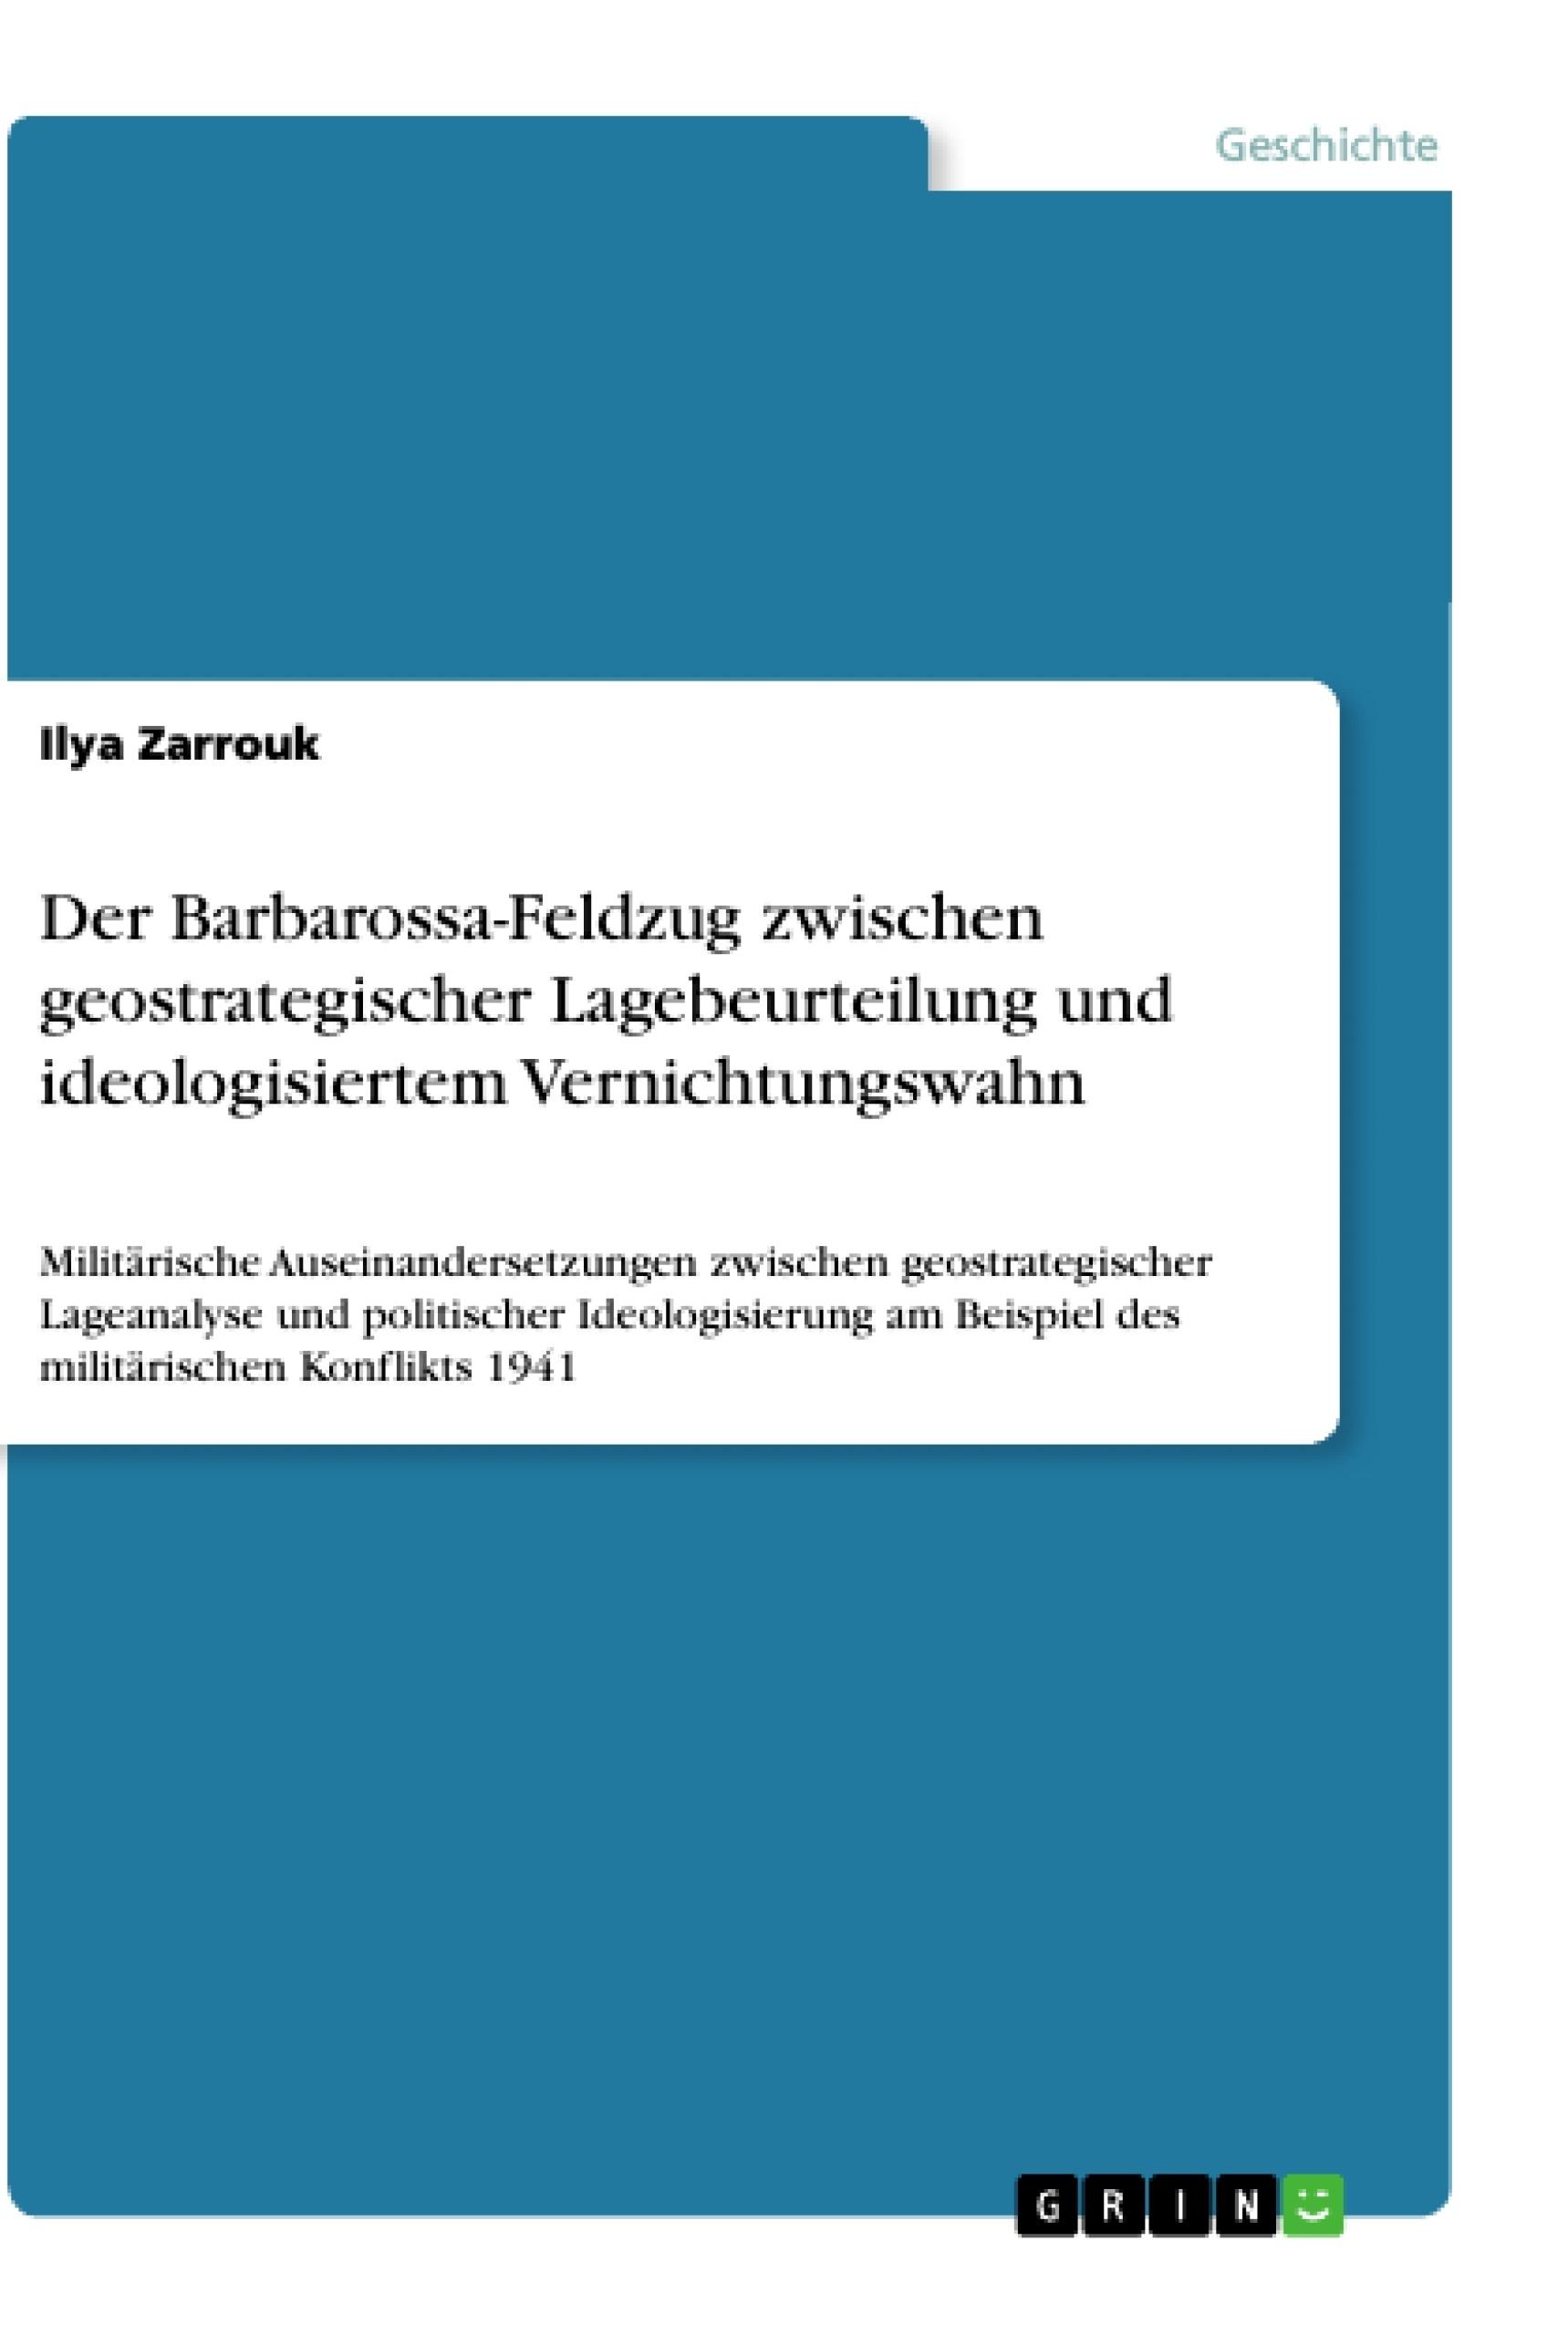 Titel: Der Barbarossa-Feldzug zwischen geostrategischer Lagebeurteilung und ideologisiertem Vernichtungswahn